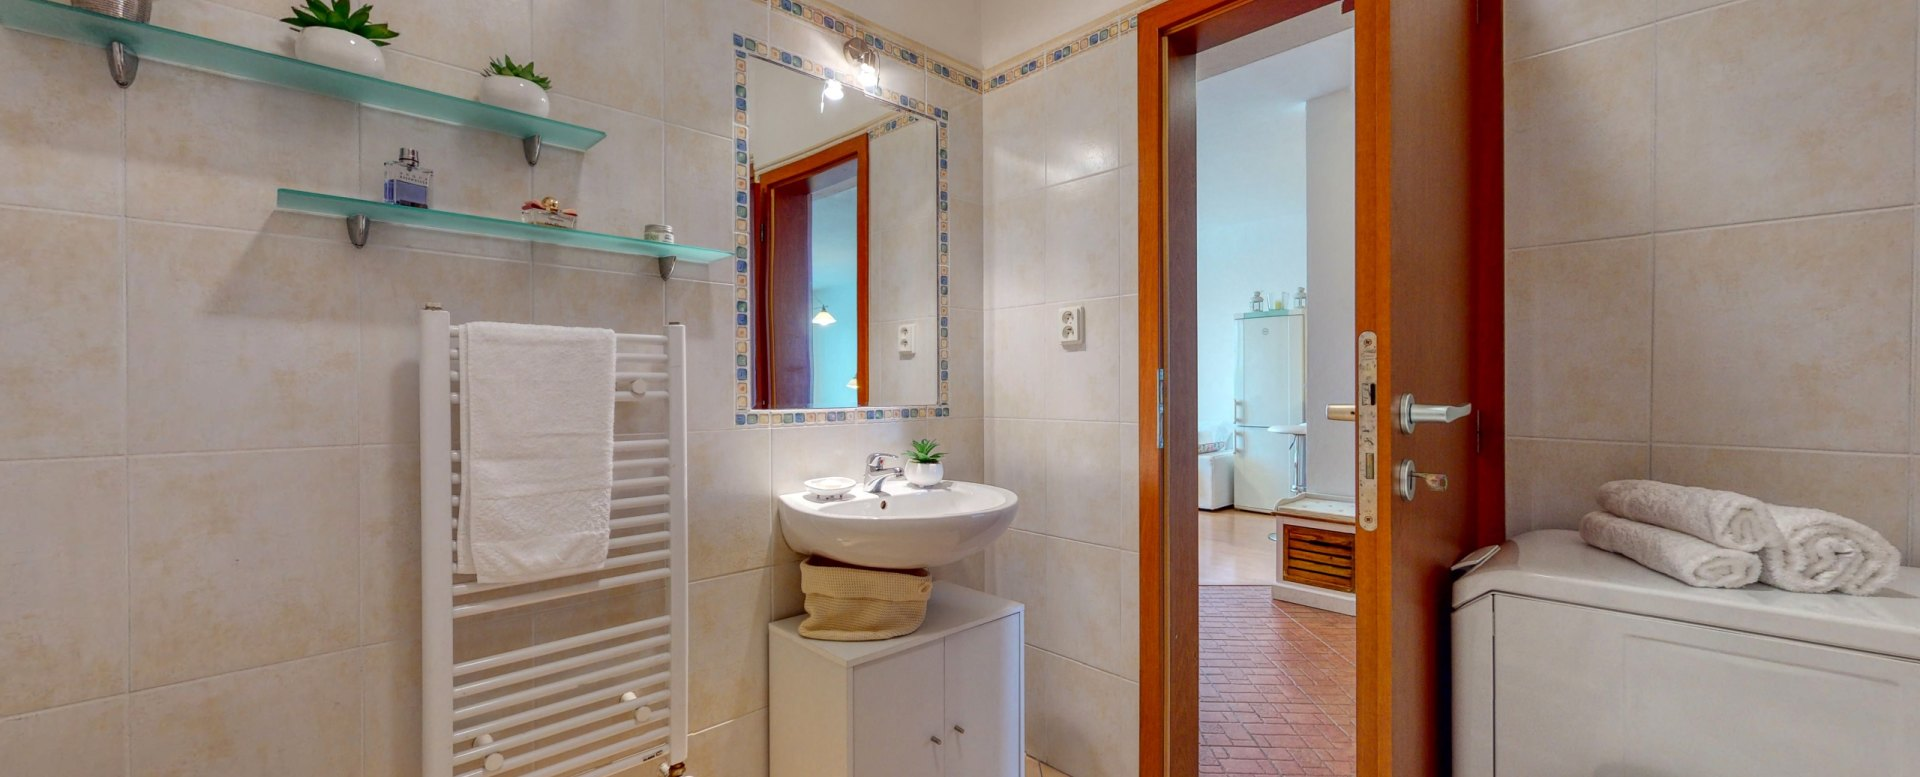 Kúpeľňa s veľkou rohovou vaňou